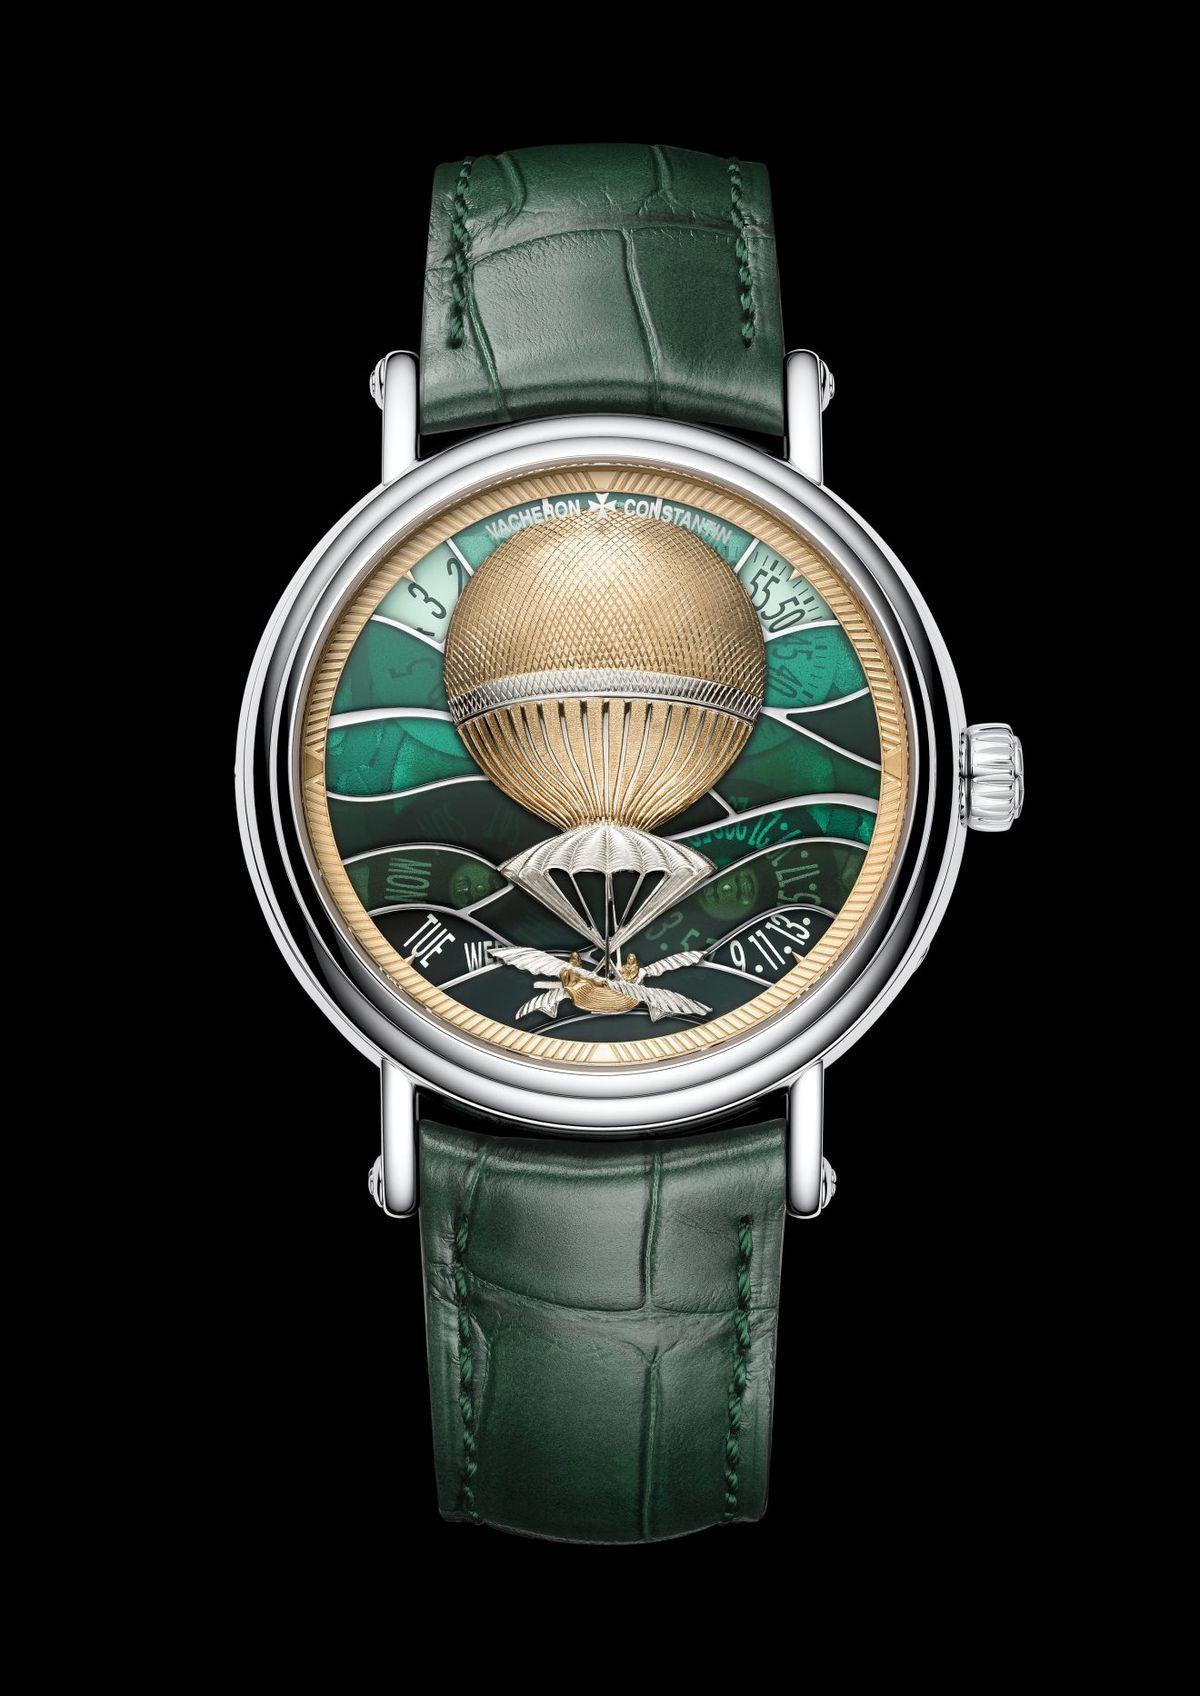 1b4701146bf Pin de Levi Castro em Relógios Vacheron Constantin em 2019 ...